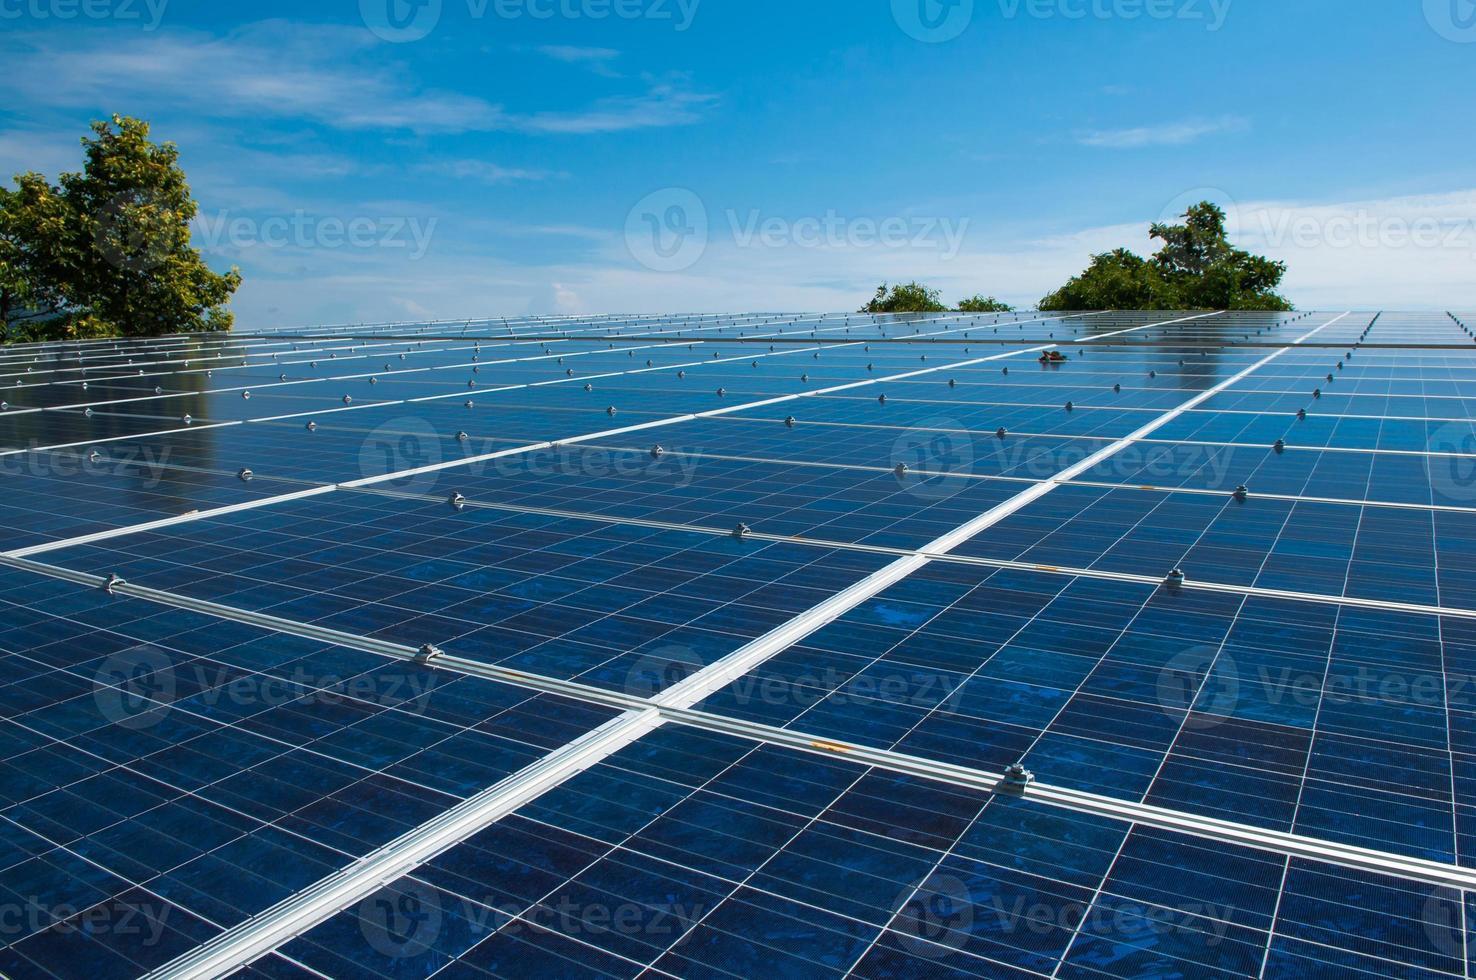 painel solar em um telhado de habitat foto